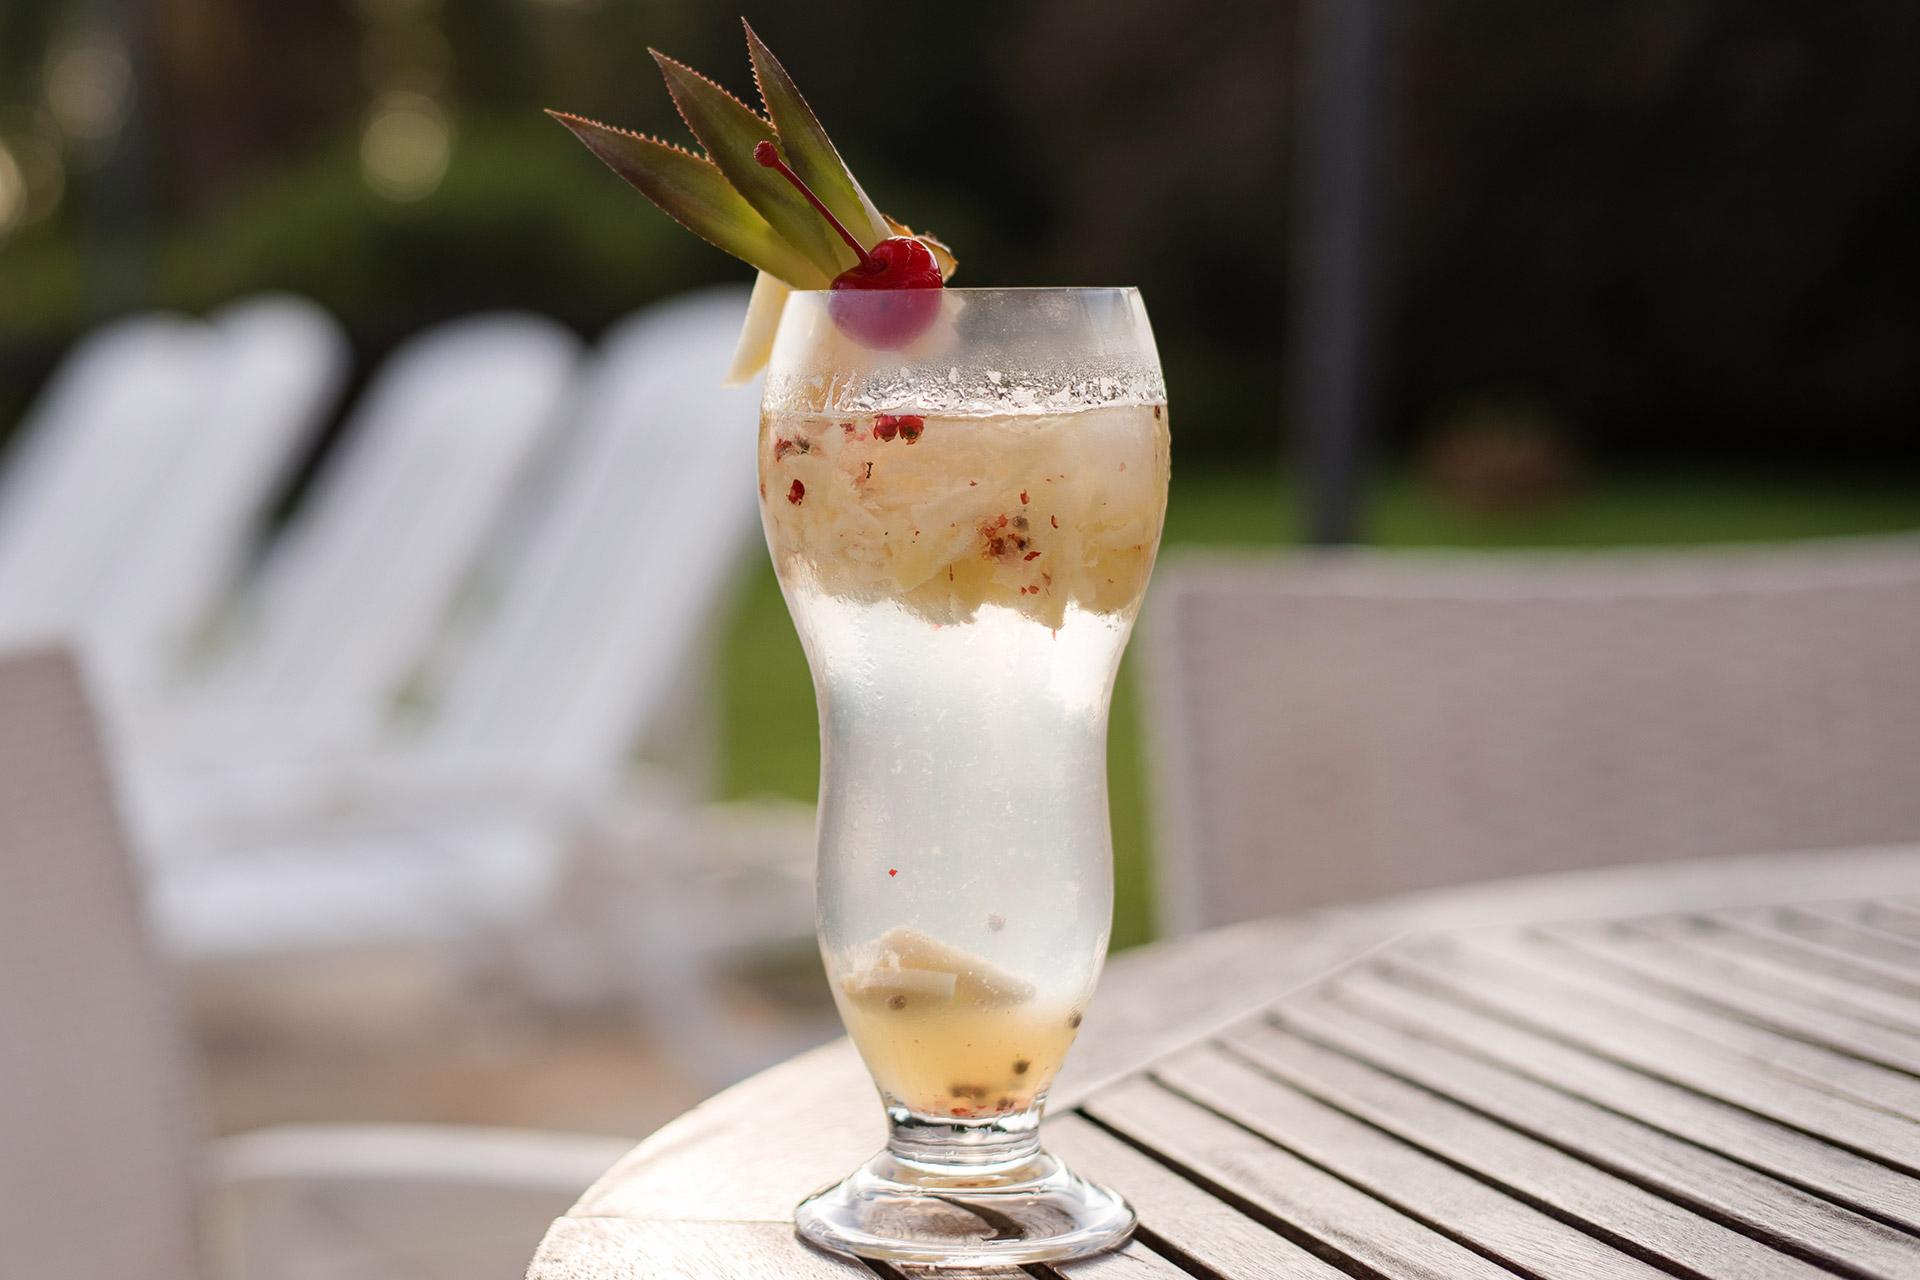 Imagem: Sober Pineapple Fizz, um drink com pimenta rosa. Aprenda a receita aqui no Puxe uma Cadeira. Foto: Karla Rudnick.